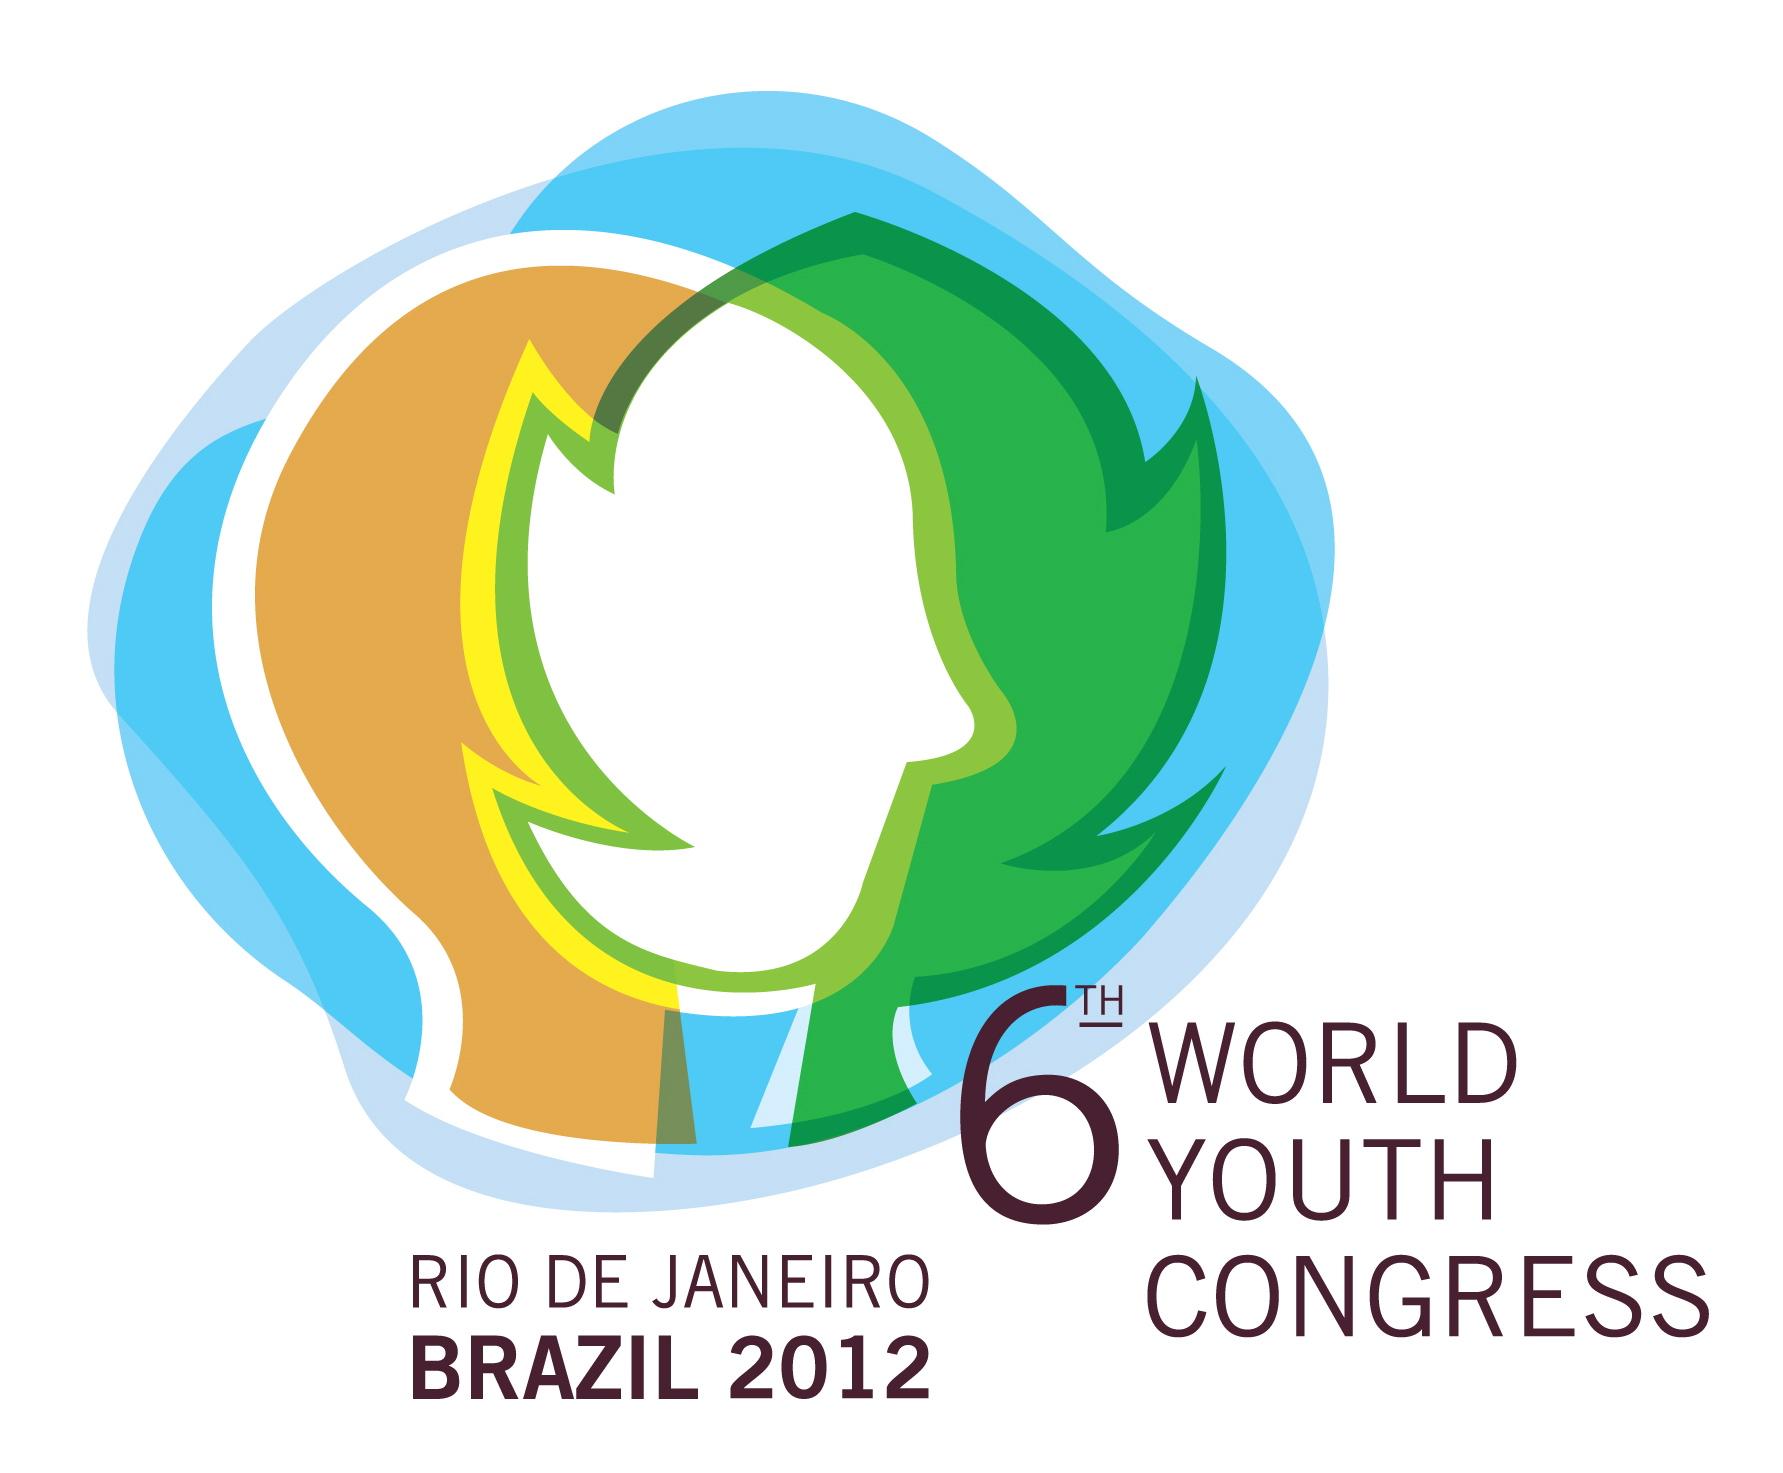 Congresso Mundial da Juventude busca voluntários líderes